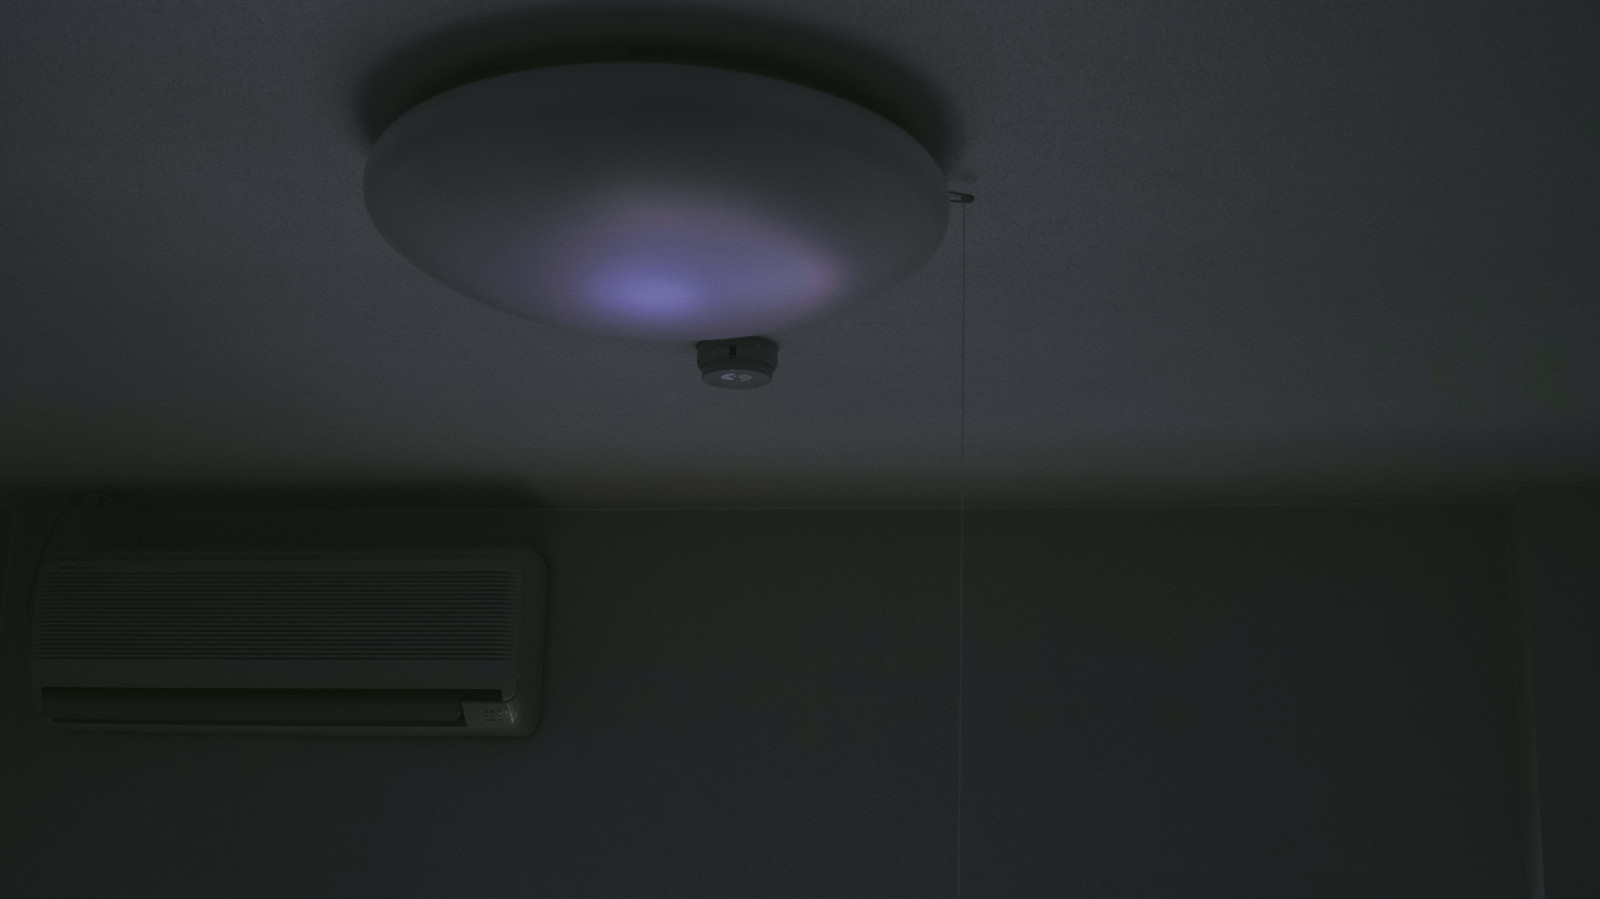 東京電力料金未納で停電した時の電話番号は?